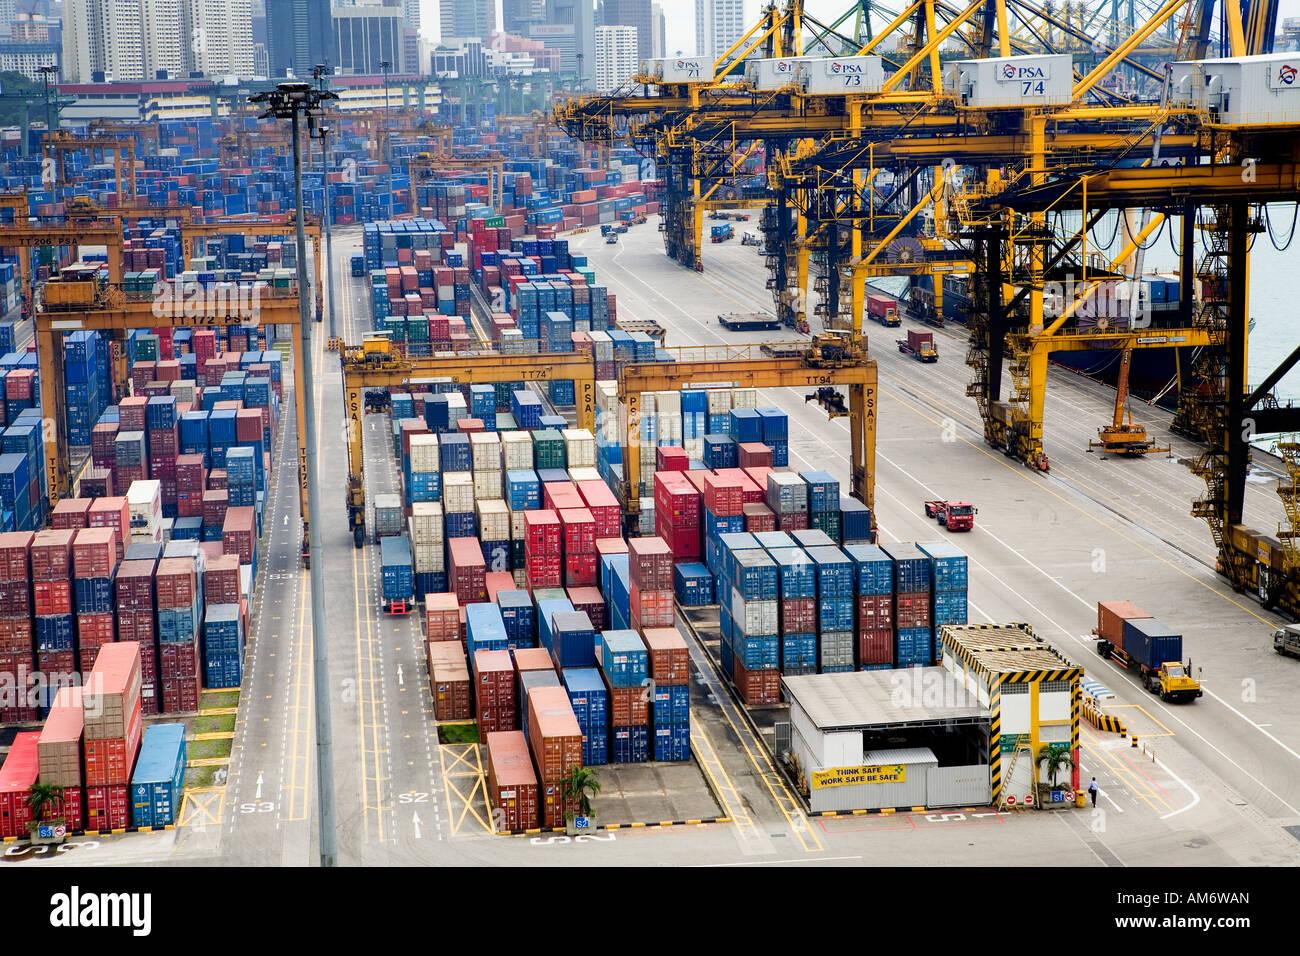 Containers Terminal Photosamp; Psa Photosamp; Containers Shipping Psa Terminal Shipping tsdQhrC